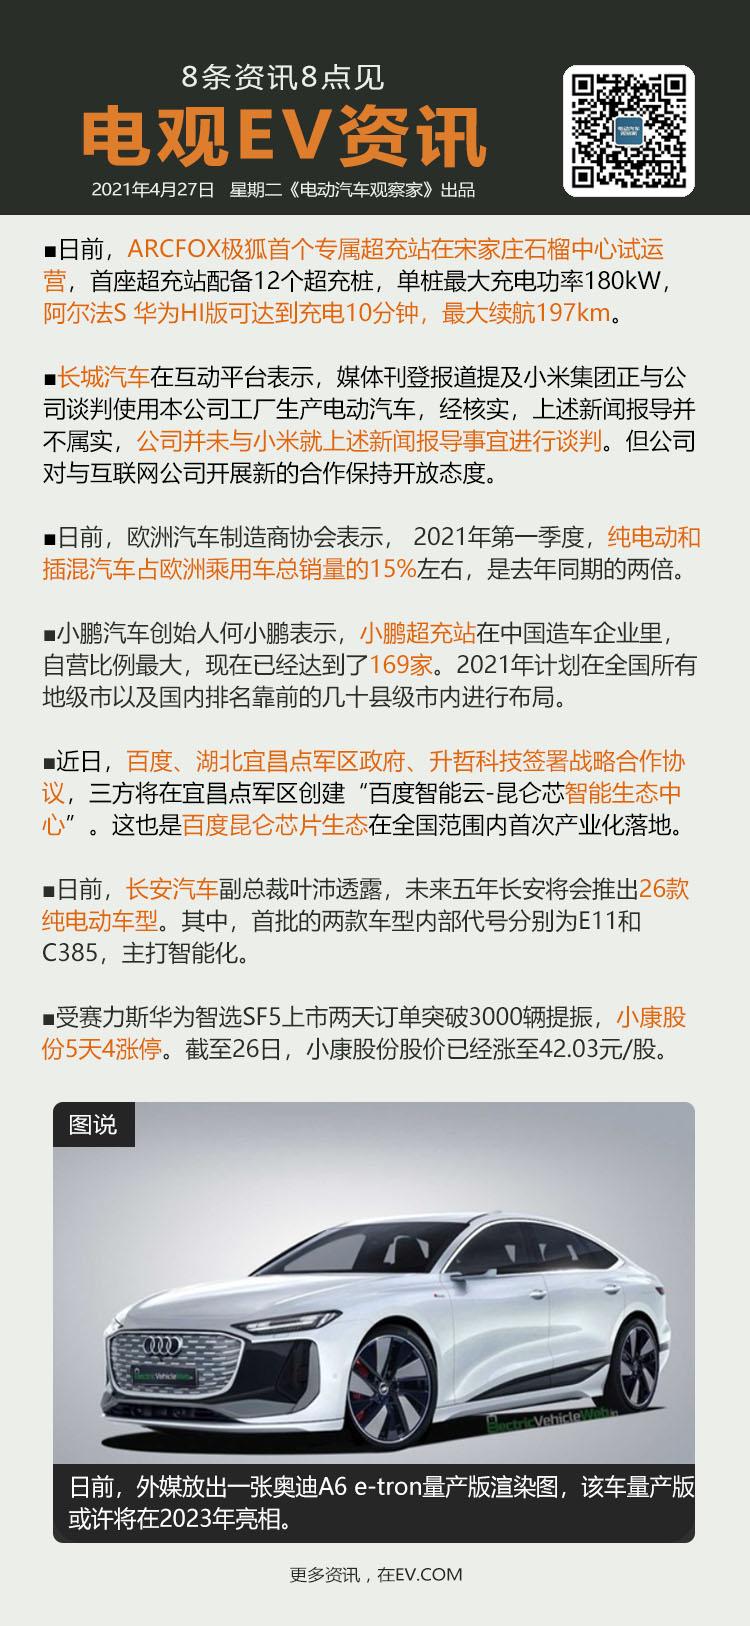 4月27日:极狐首个专属超充站试运营、百度昆仑芯片生态国内首次产业化落地、一季度...